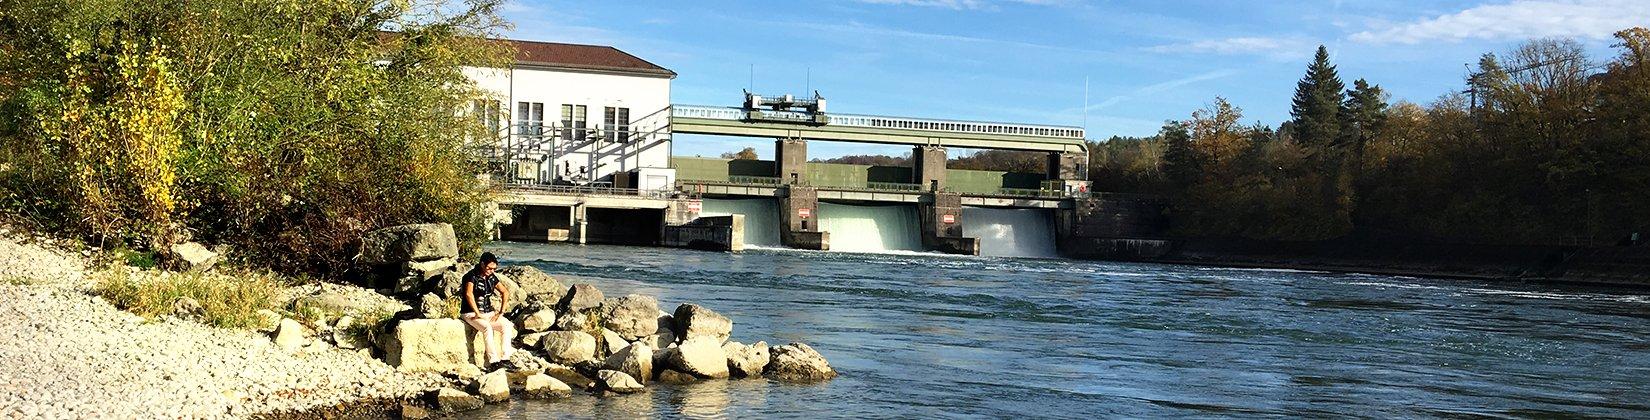 Wasserkraftanlage Hochrhein, © IGW, D. Heilig